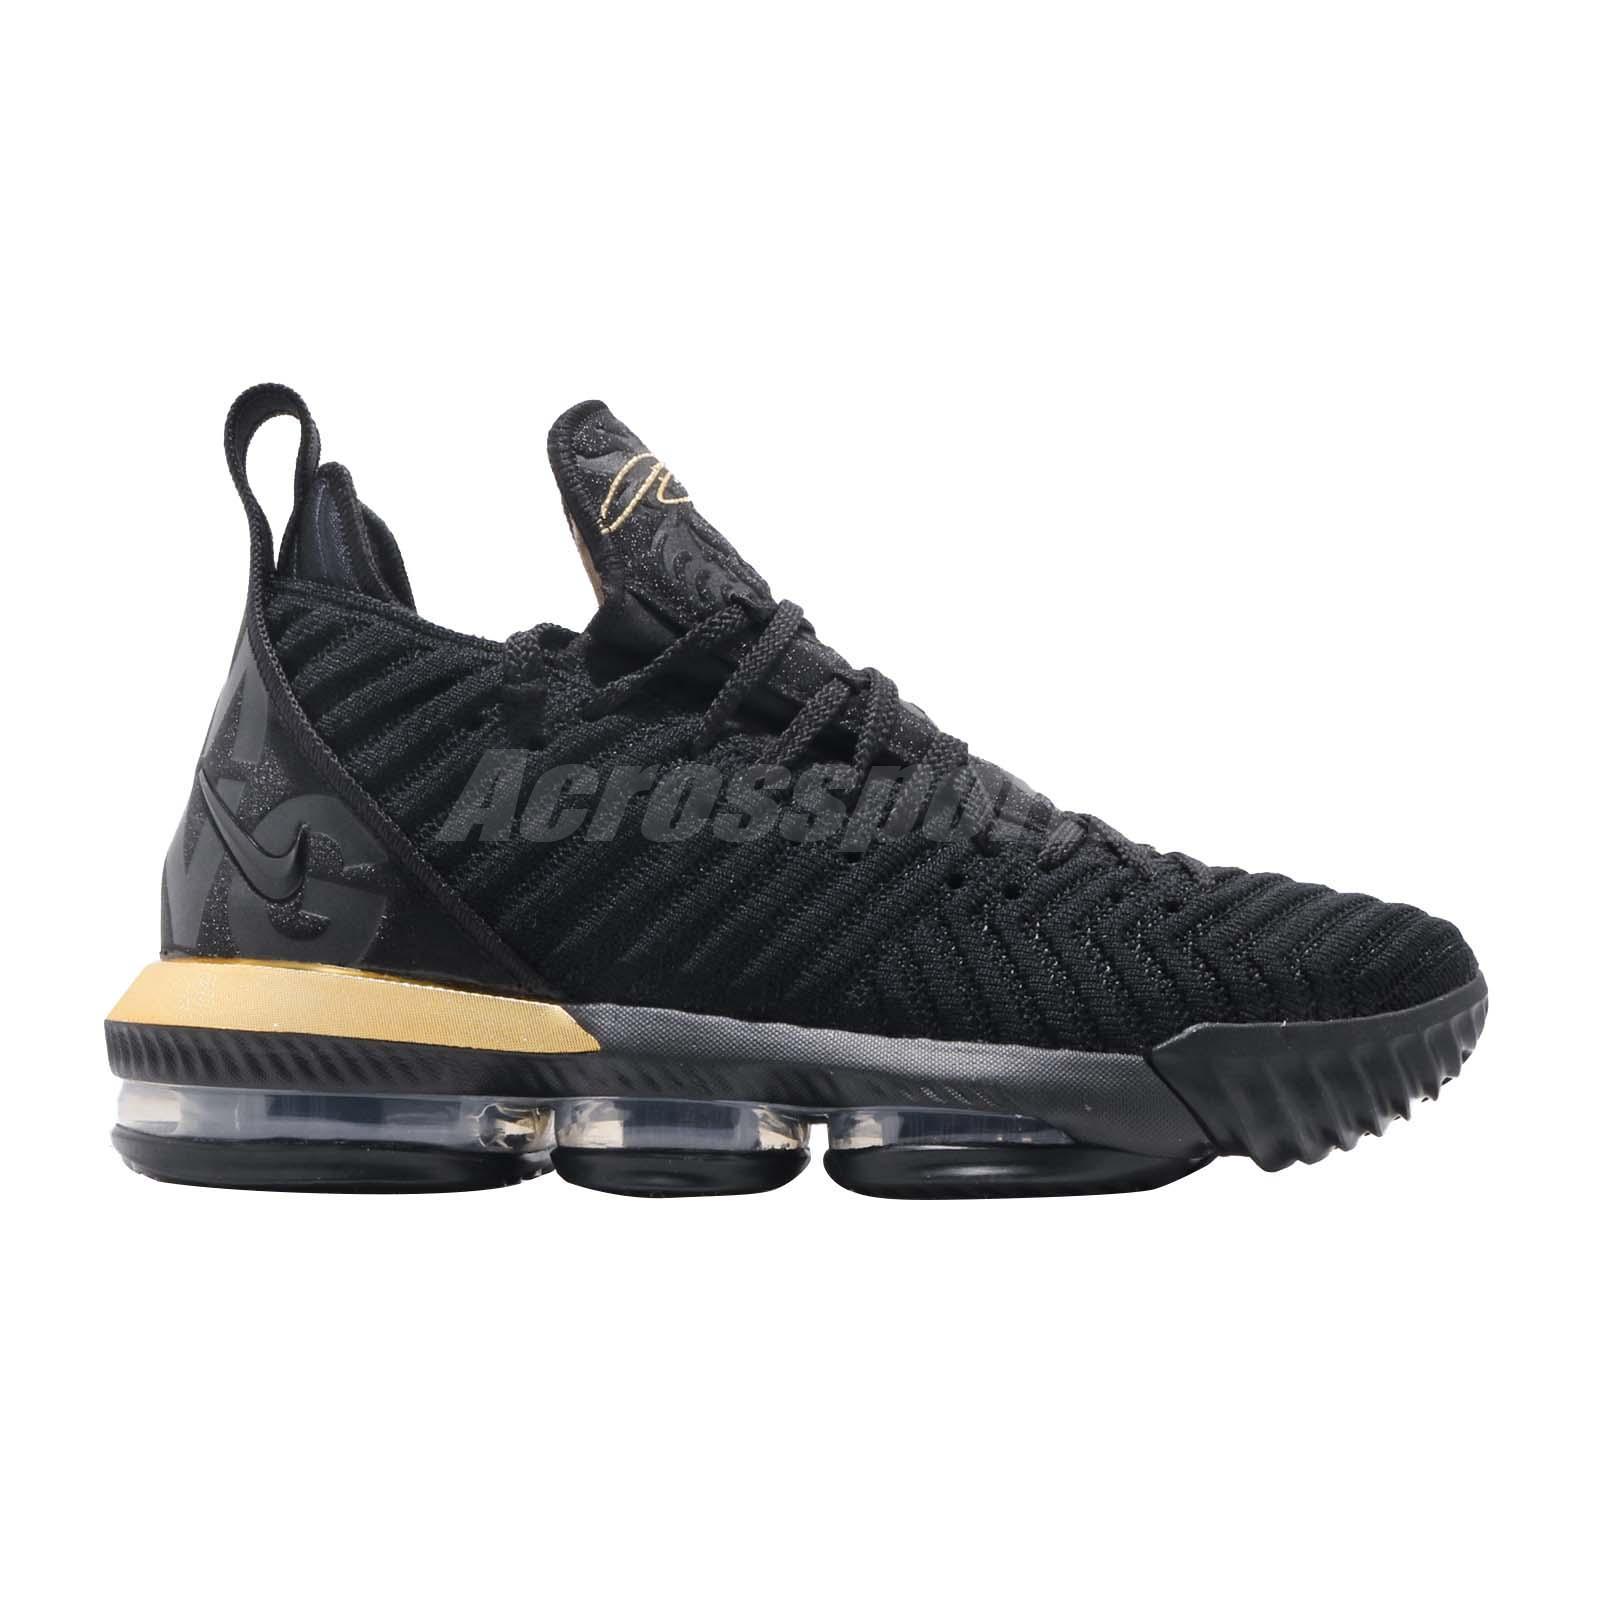 c40e701e32915 Nike LeBron XVI EP 16 Im I Am King James LBJ Black Gold Men Shoes ...